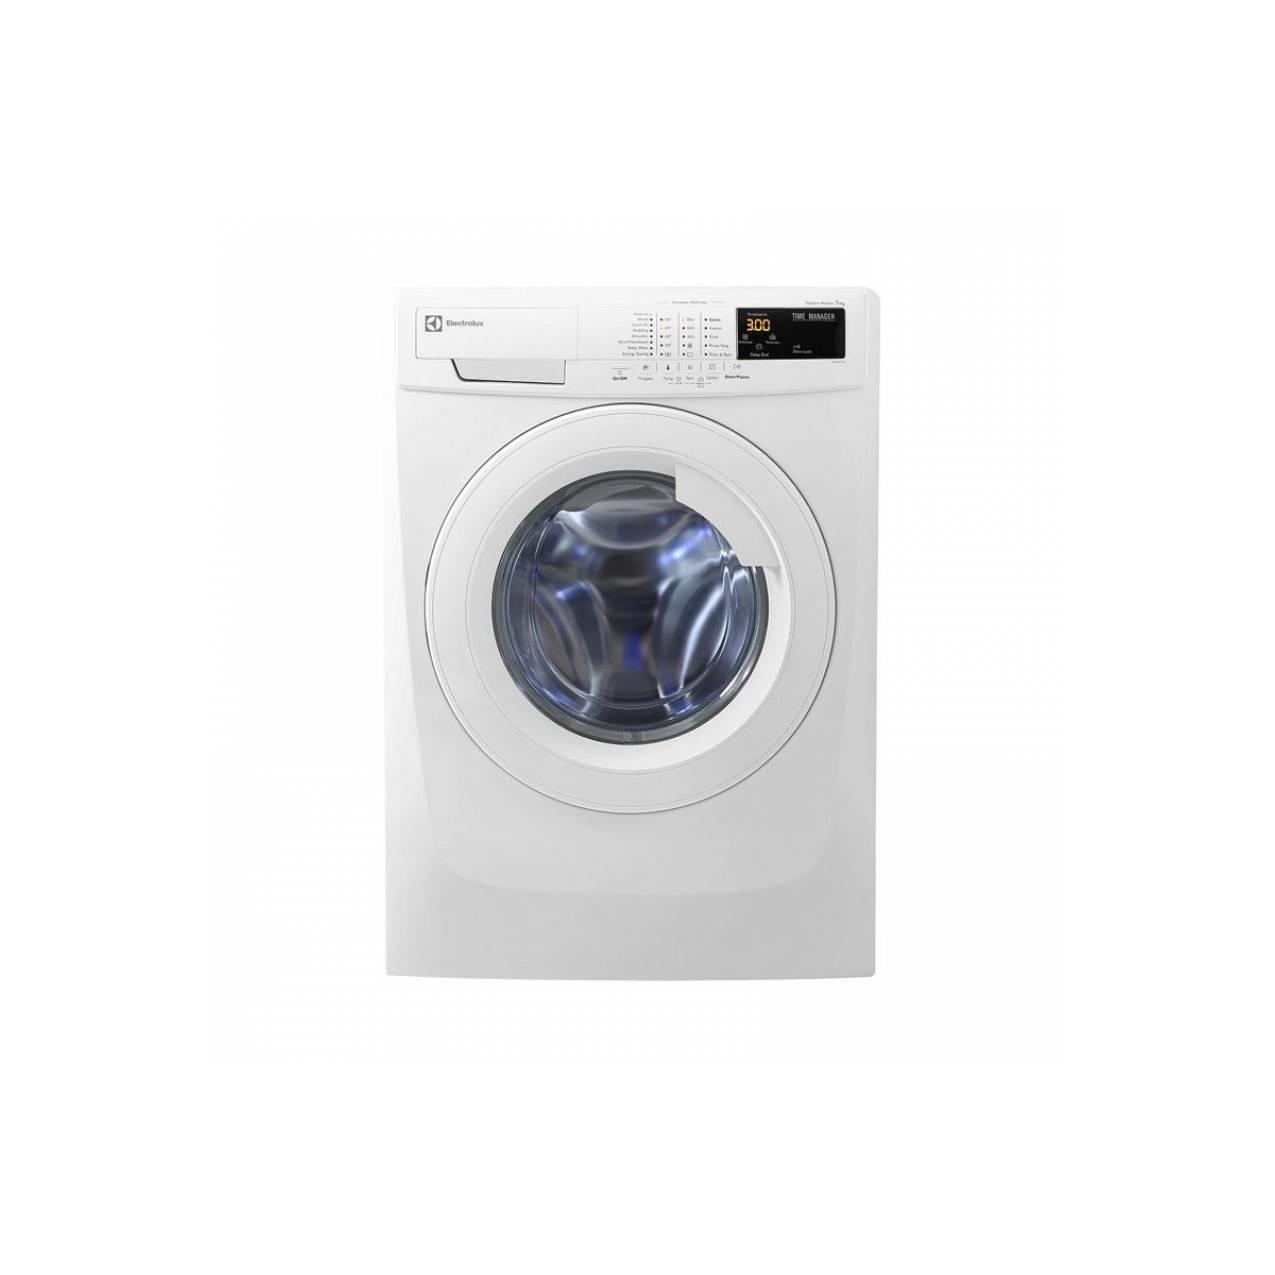 Electrolux EWF 10847 Mesin Cuci - Putih [Front Loading/8 Kg]